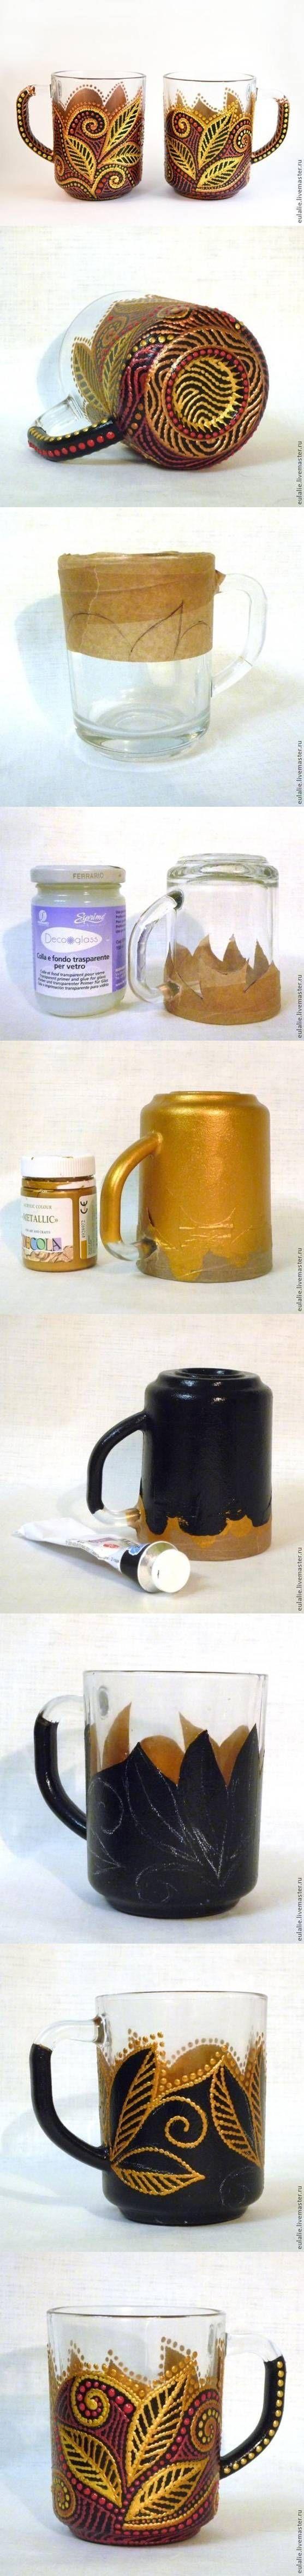 Taza de bricolaje pintado punto DIY Proyectos | UsefulDIY.com